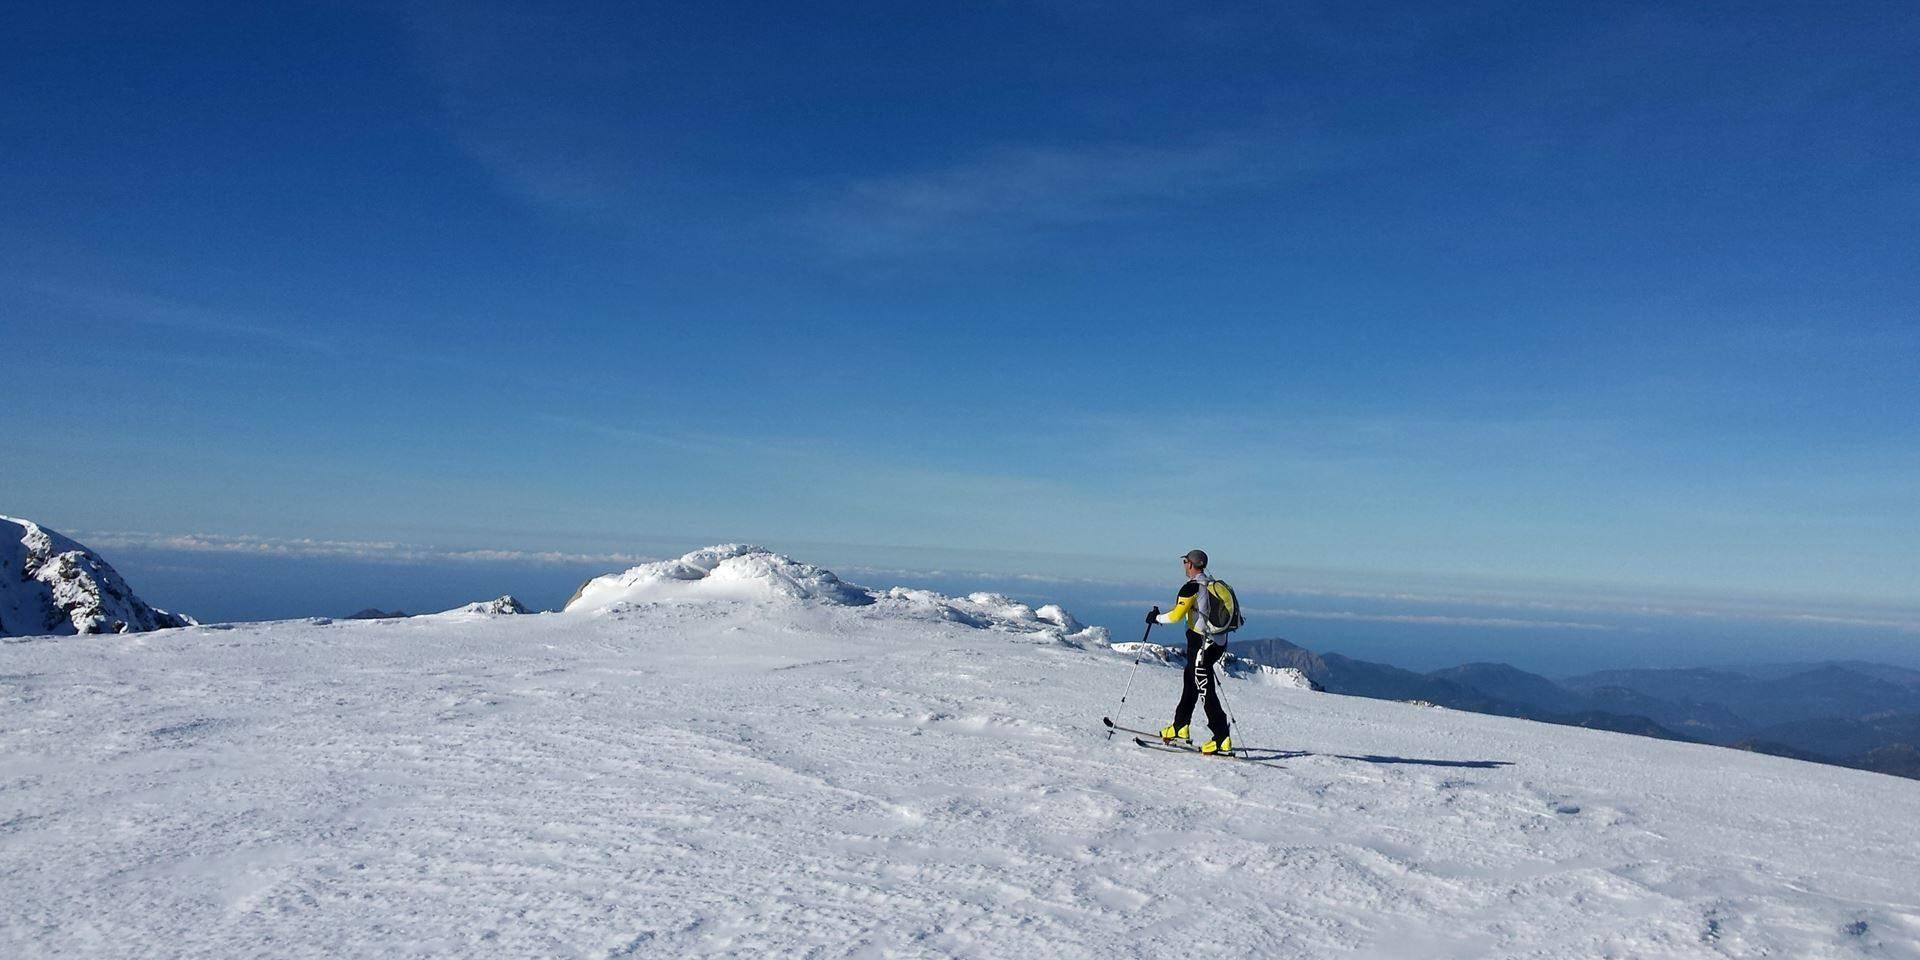 Val d'Ese Bastelica Corsica Frankrijk skigebied sneeuw bergen zee langlaufen